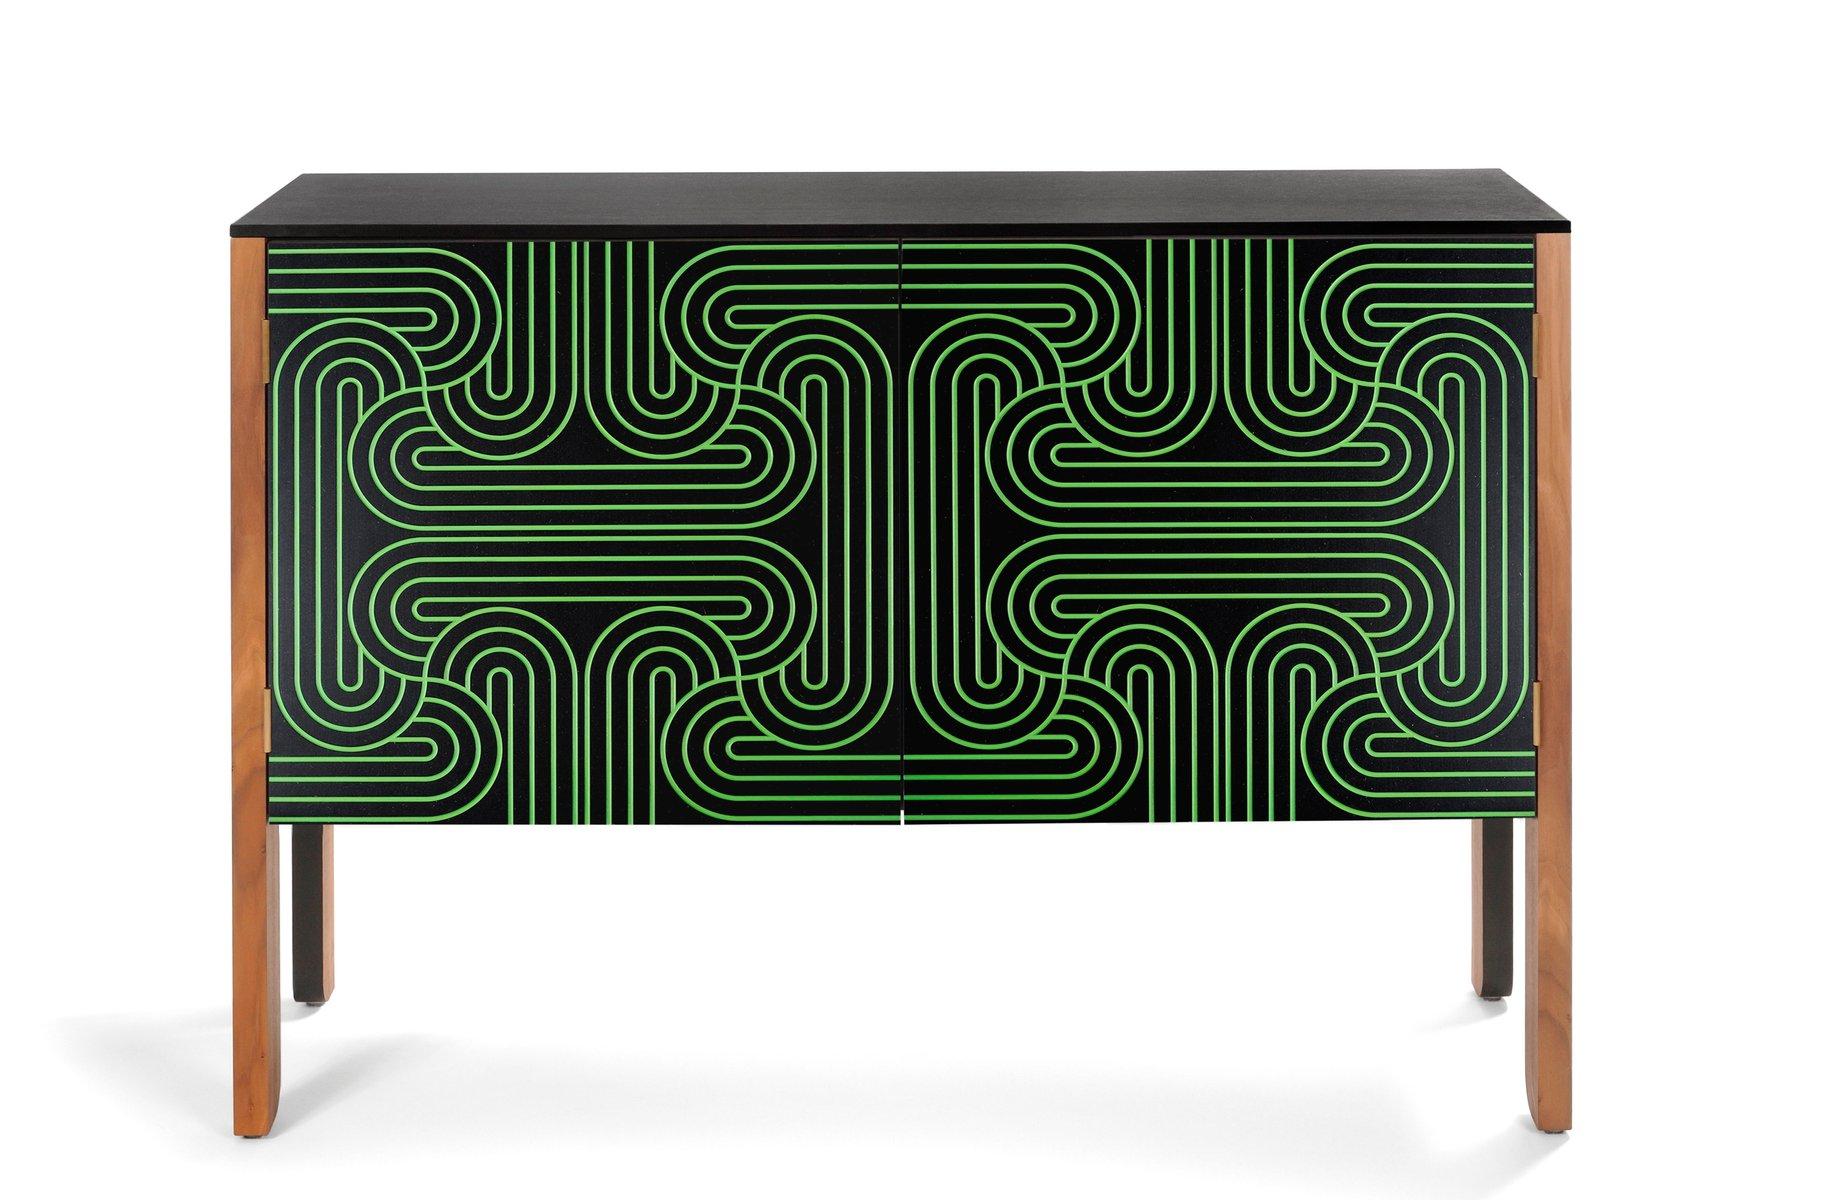 Schrank designklassiker  Loop Schrank (Klein) von Coucou Manou bei Pamono kaufen